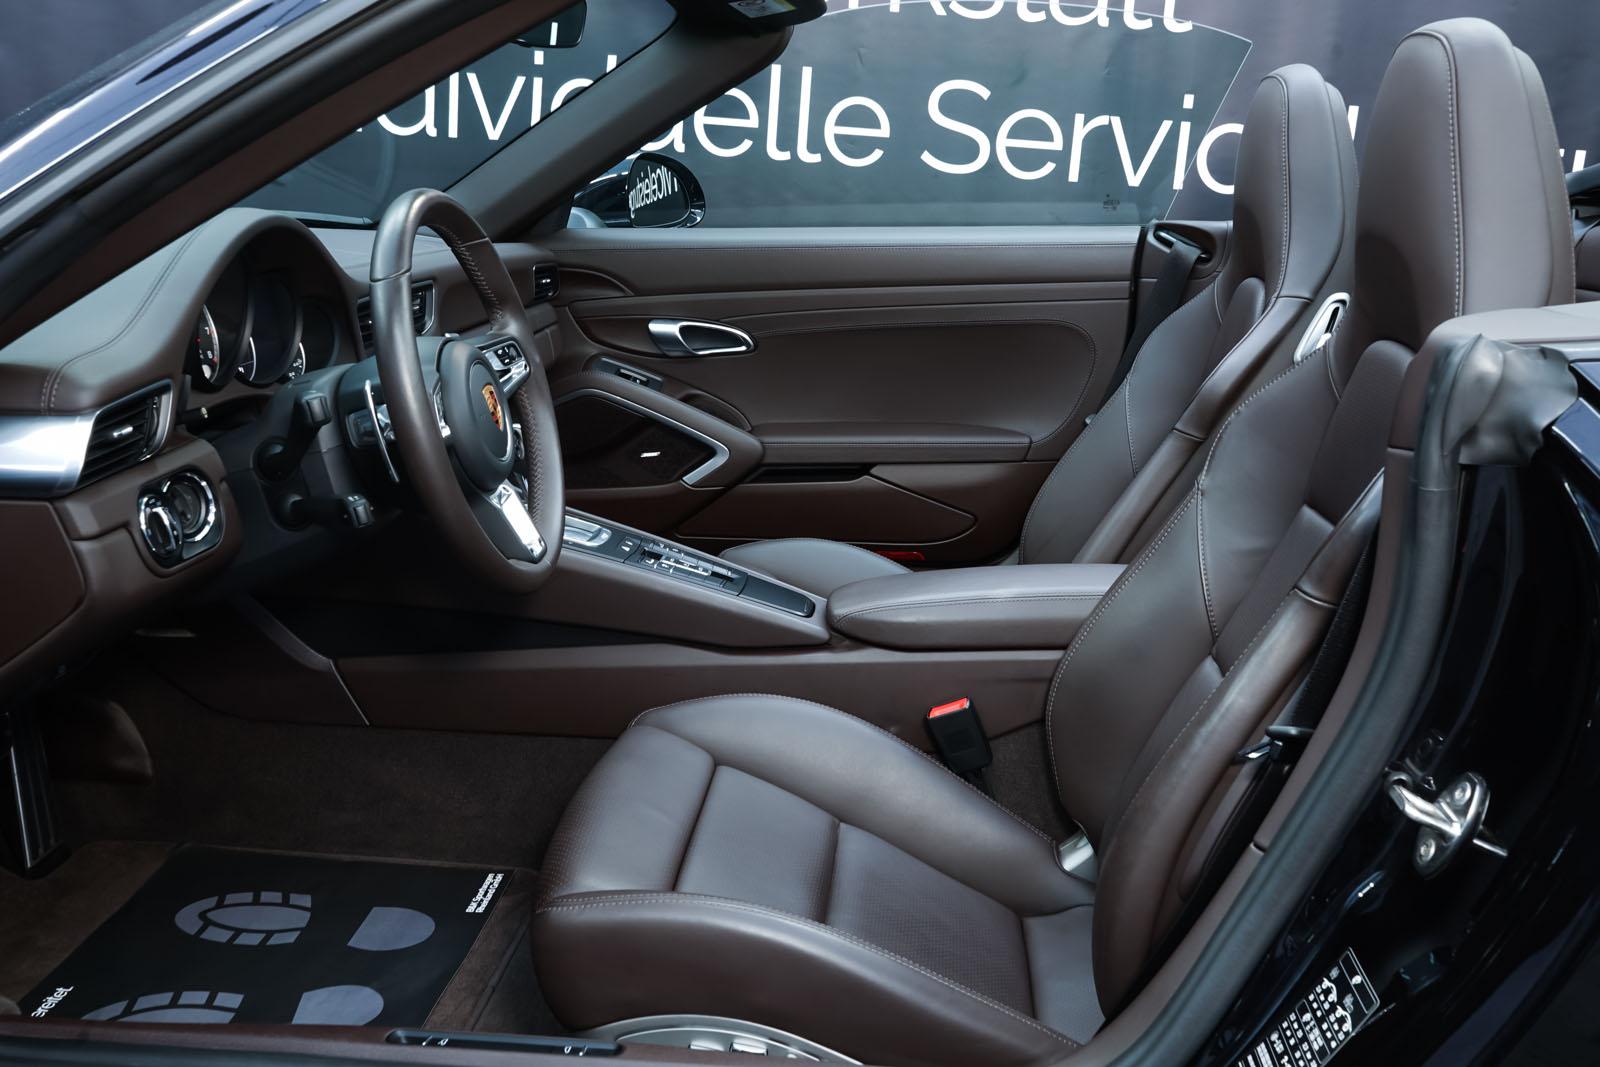 Porsche_991_TurboS_Cabrio_Schwarz_Braun_POR-9733_8_w